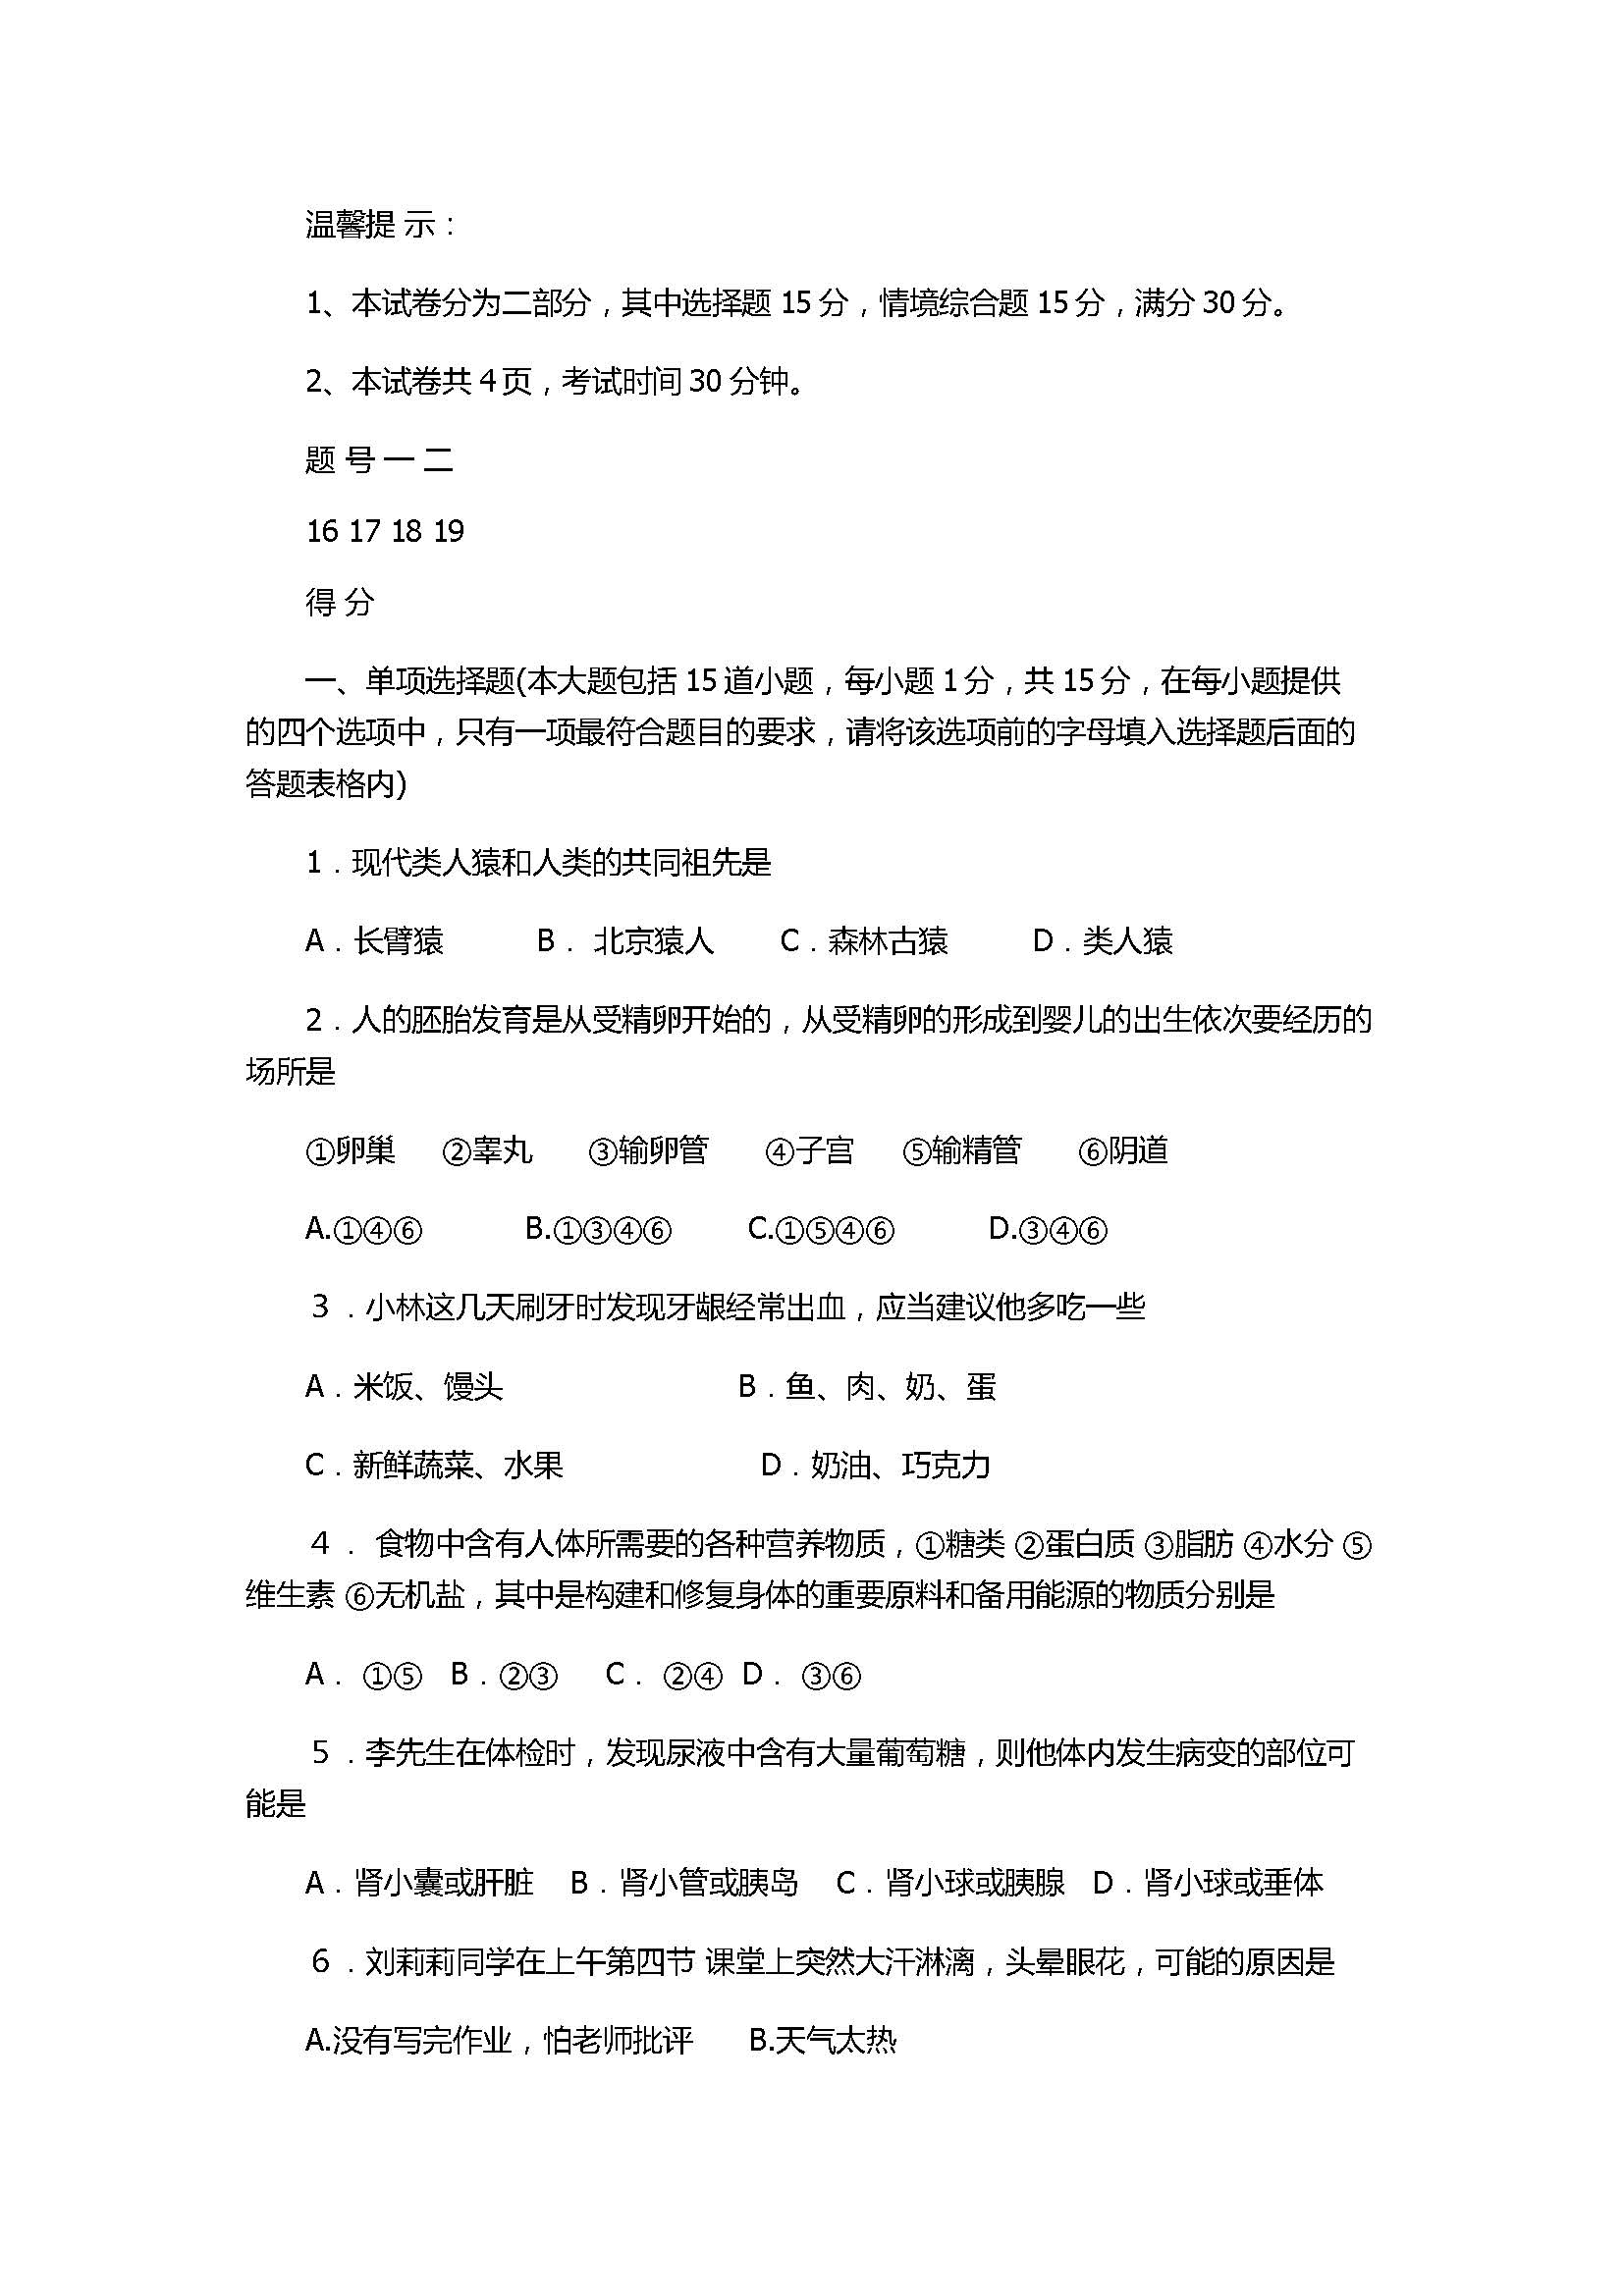 2017七年级生物期末试卷附参考答案(高阳县)